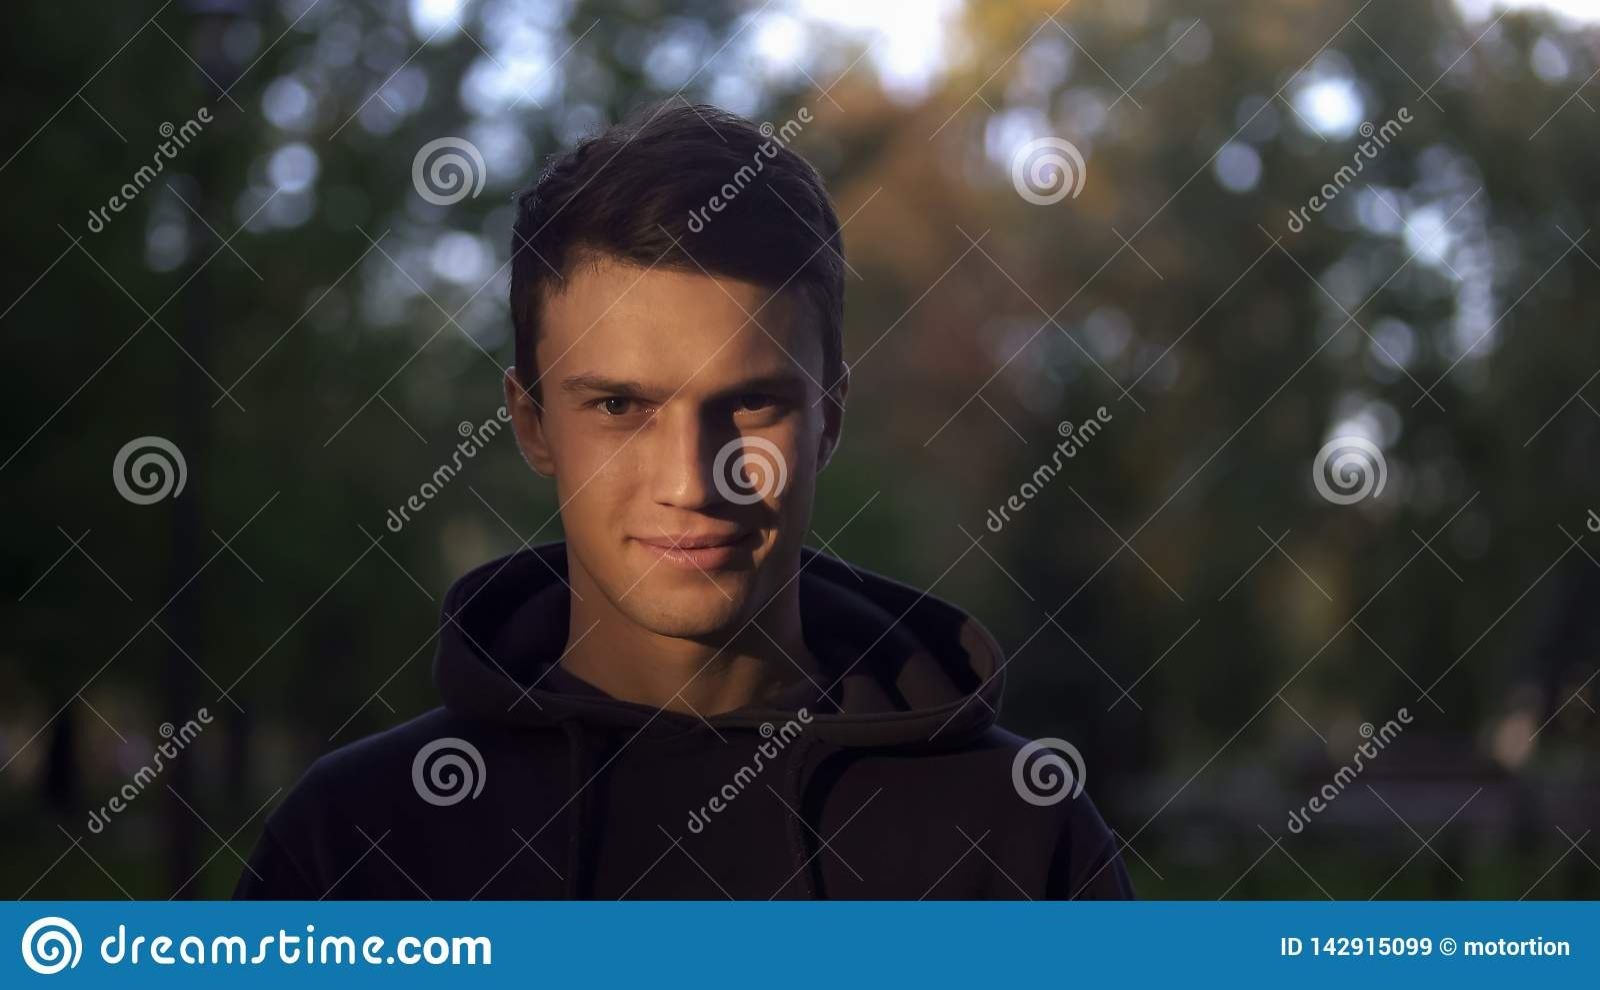 El hombre sonriente amistoso que mira la cámara en parque, alista para los cambios positivos de la vida